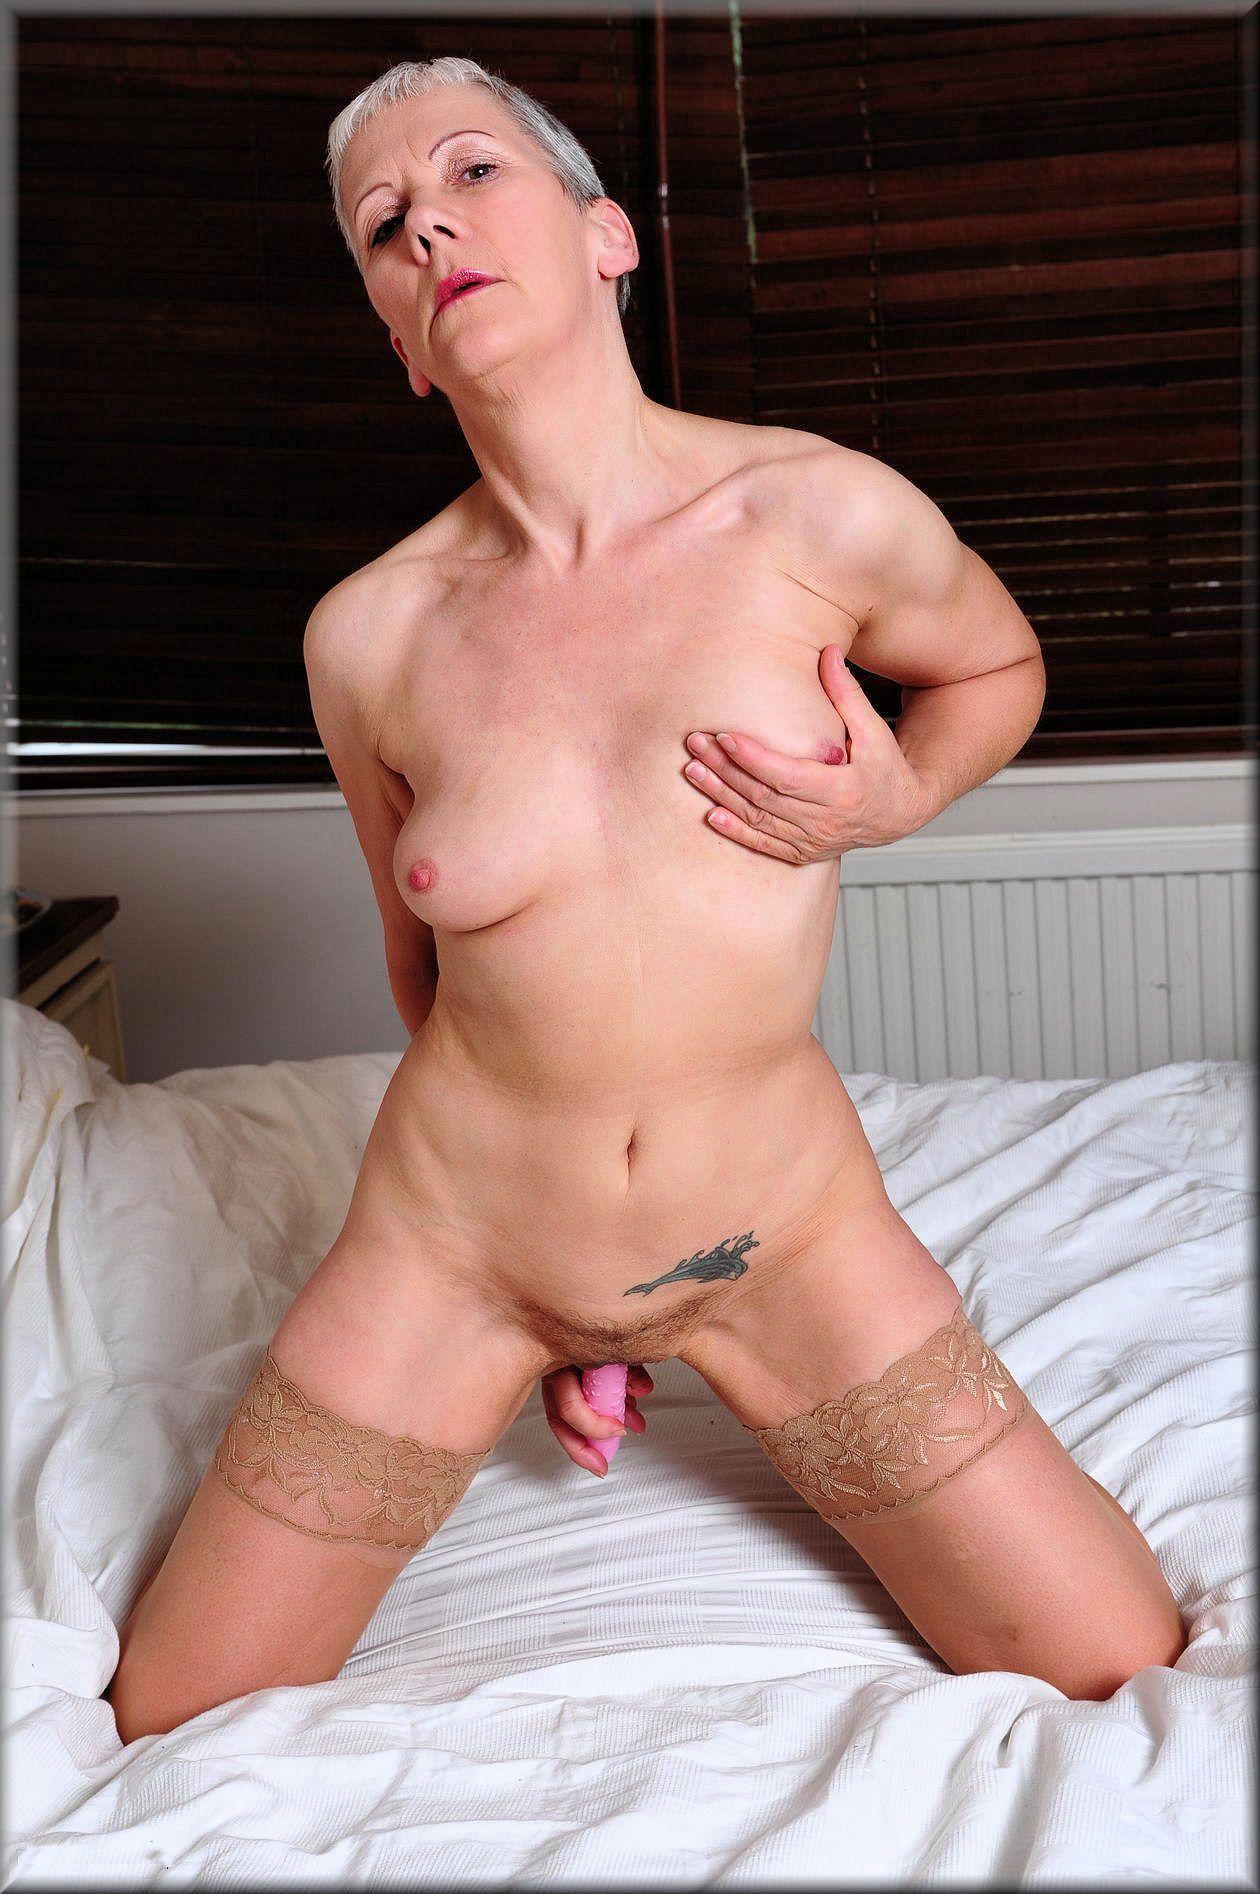 sexe Mamie jeu sexe